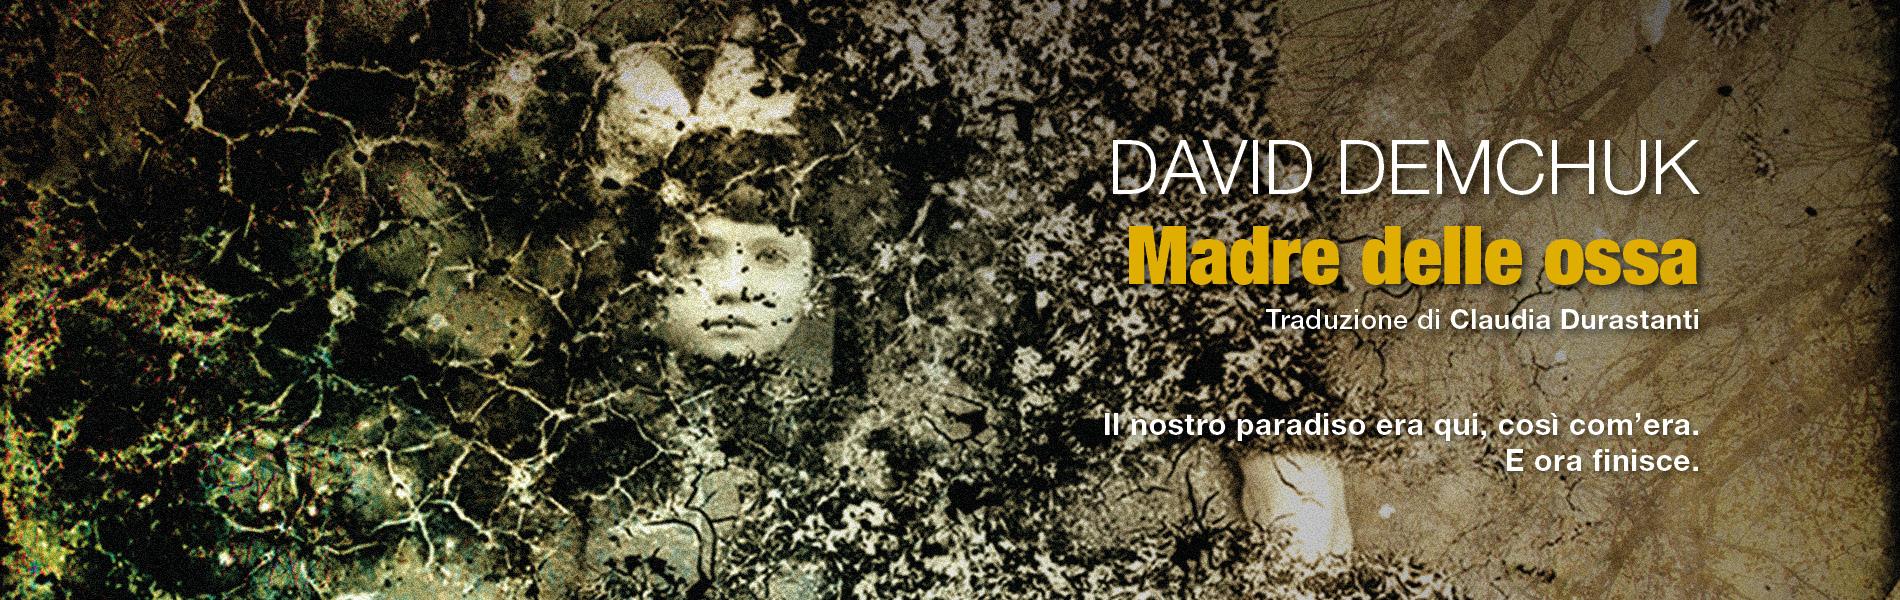 Madre delle ossa, di David Demchuk